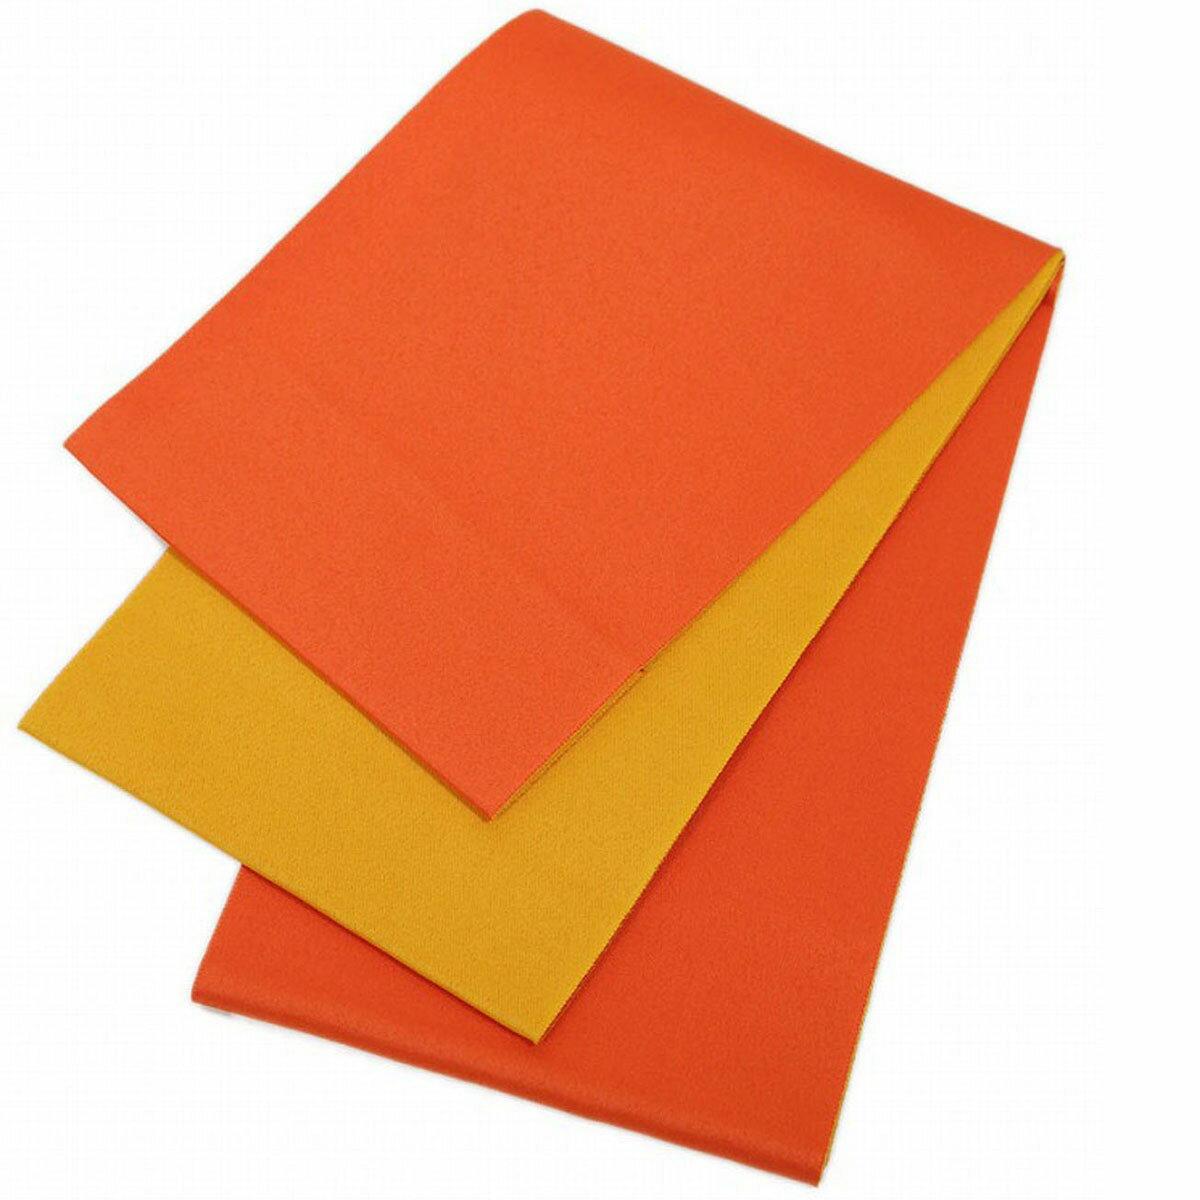 日本製 シンプル リバーシブル 浴衣帯 無地 オレンジ×黄色 長尺 超長尺